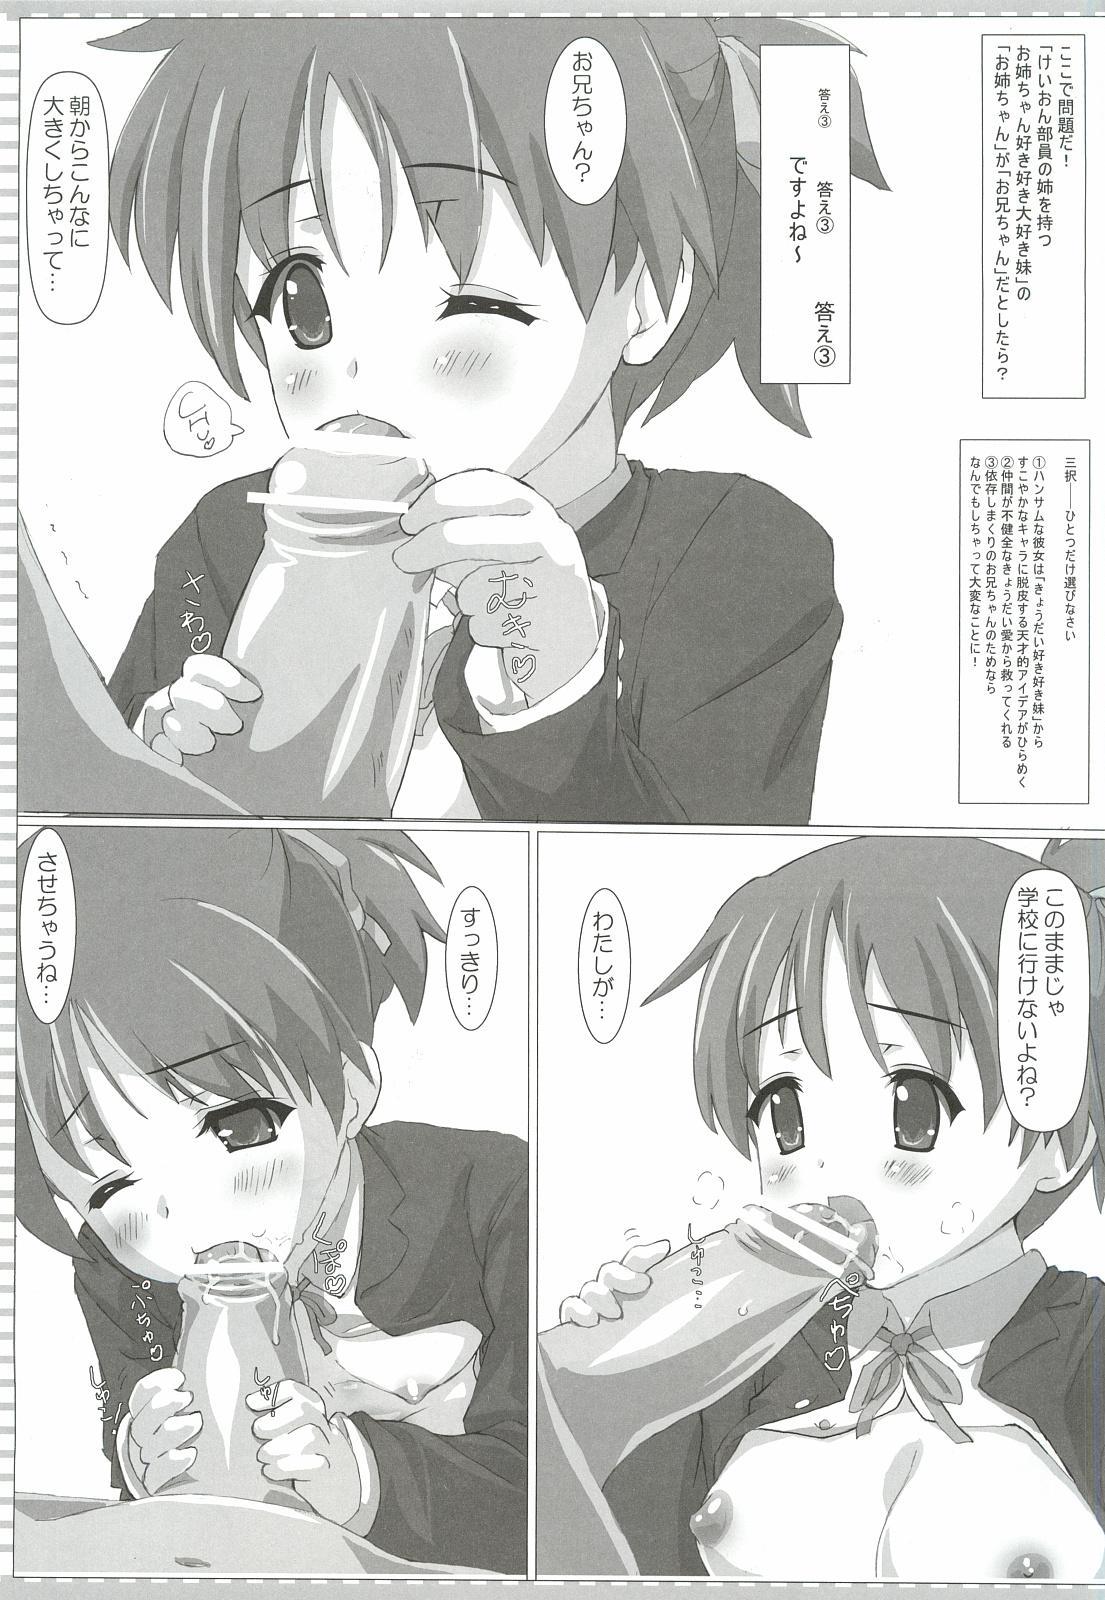 (C81) [Testa Kitchen (Testa)] Akubi-san to Shokushu-san (Ragnarok Online) 19